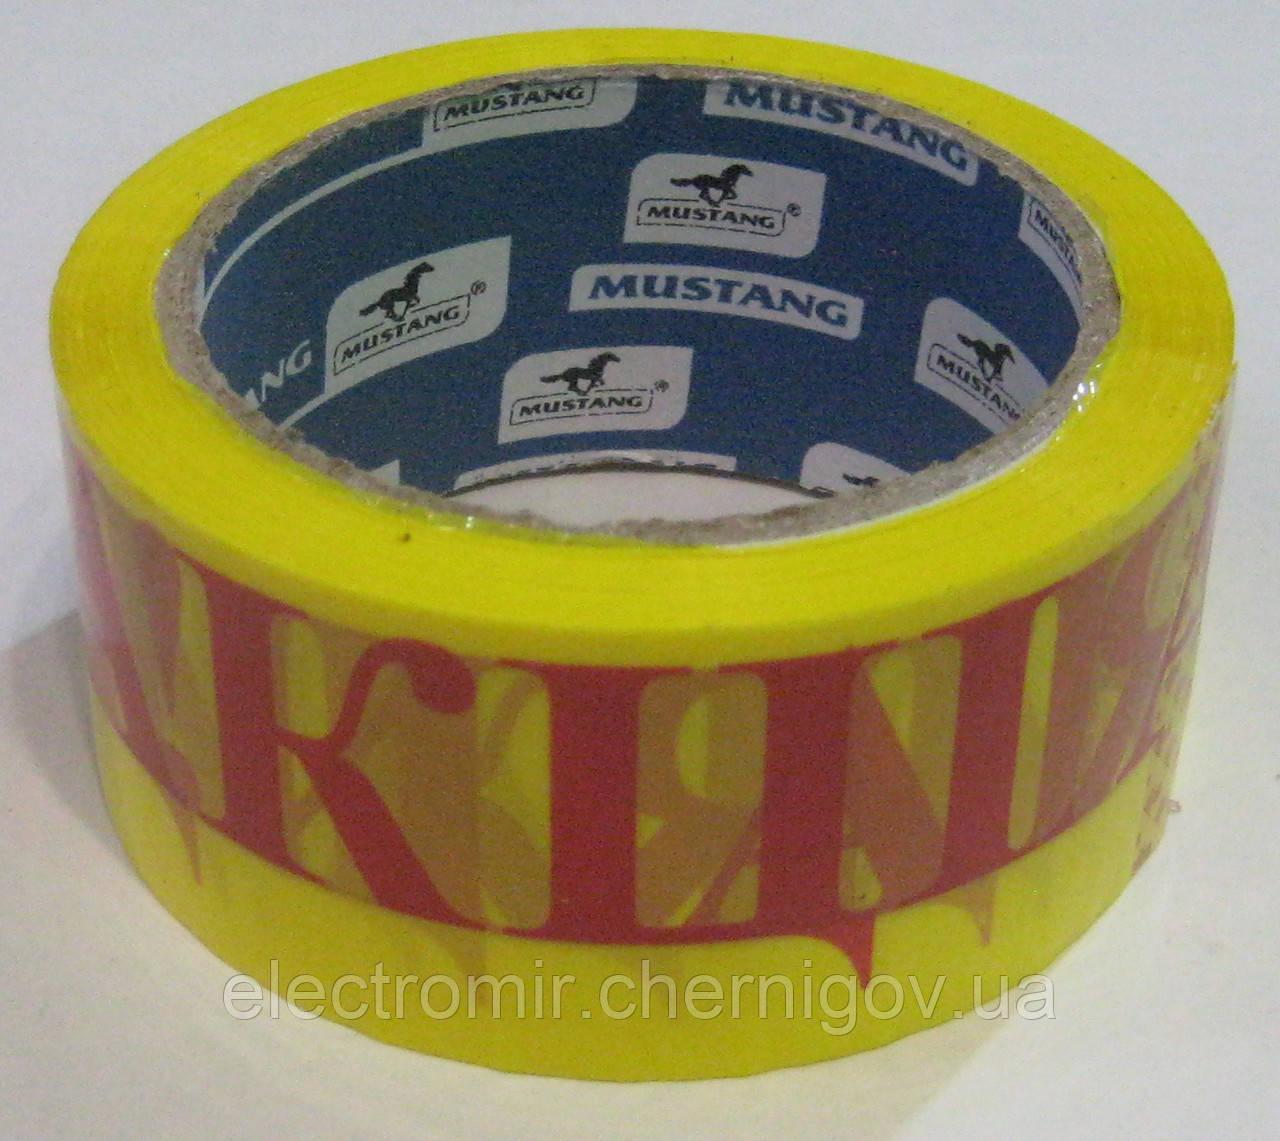 Лента клейкая упаковочная Акция 48 мм х 45 м 40 мкм